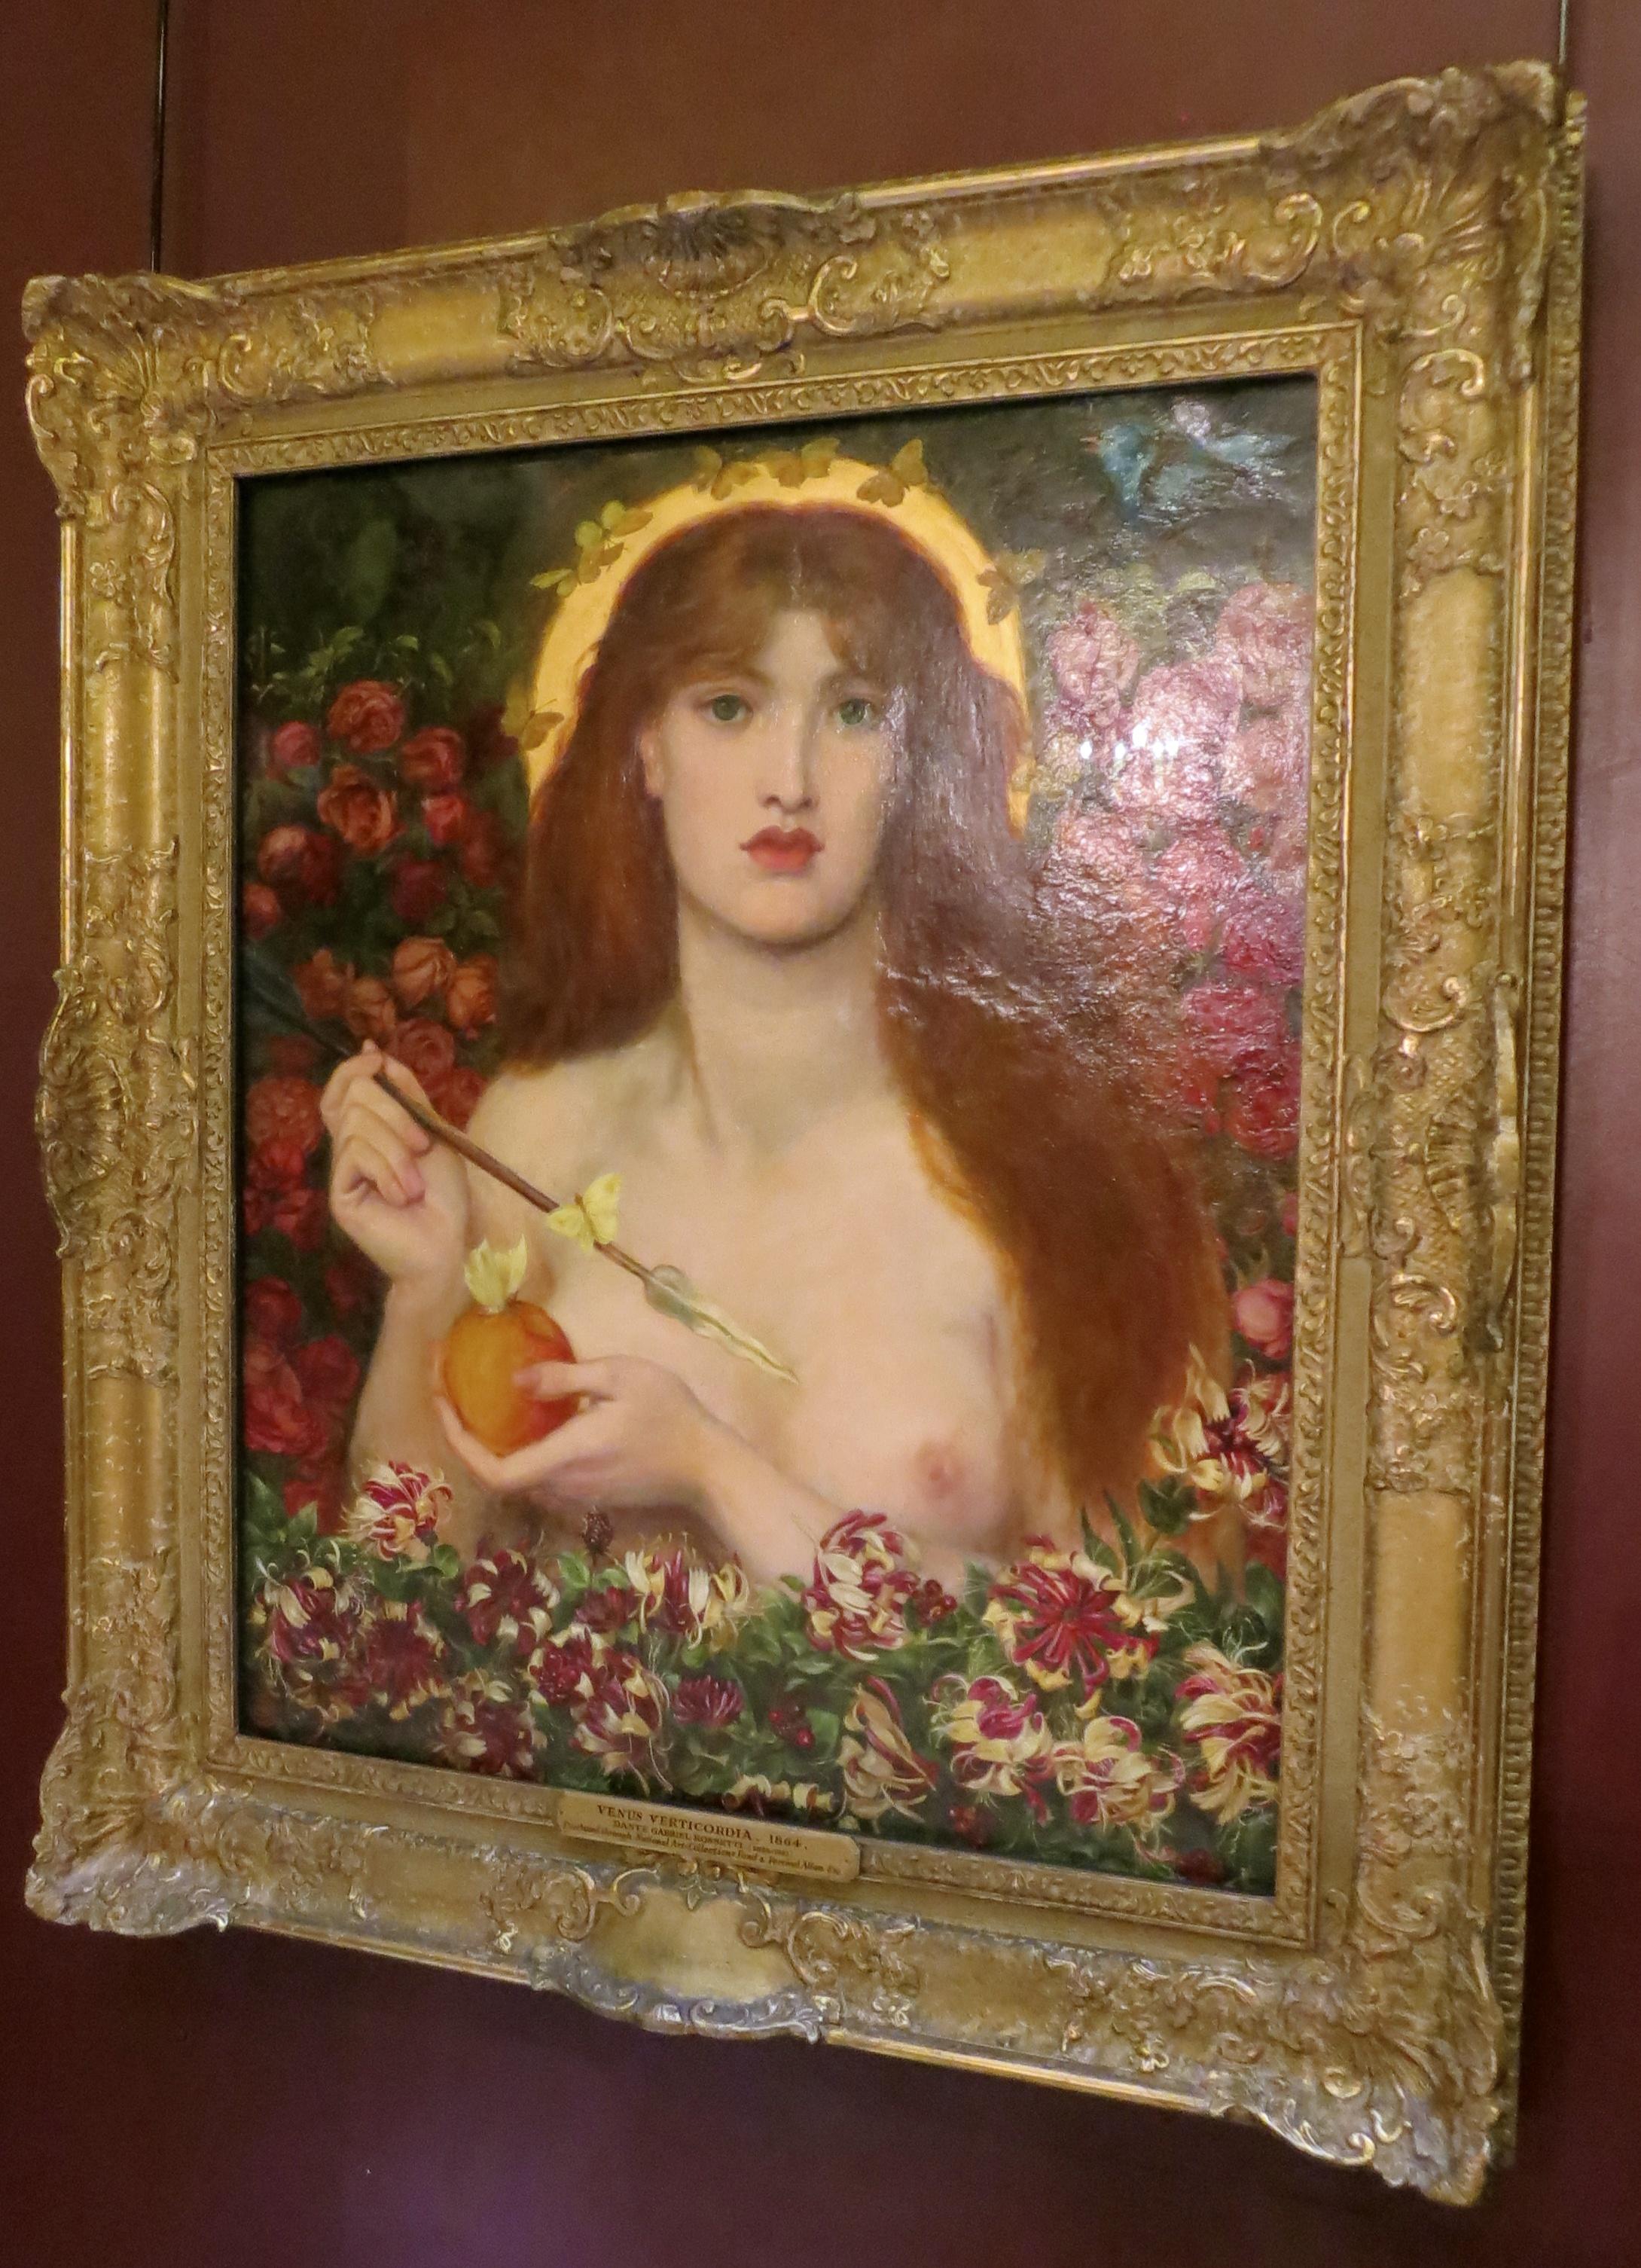 Venere all'asta: il Rossetti immorale della Venere che apre i cuori andrà in vendita da Sotheby's